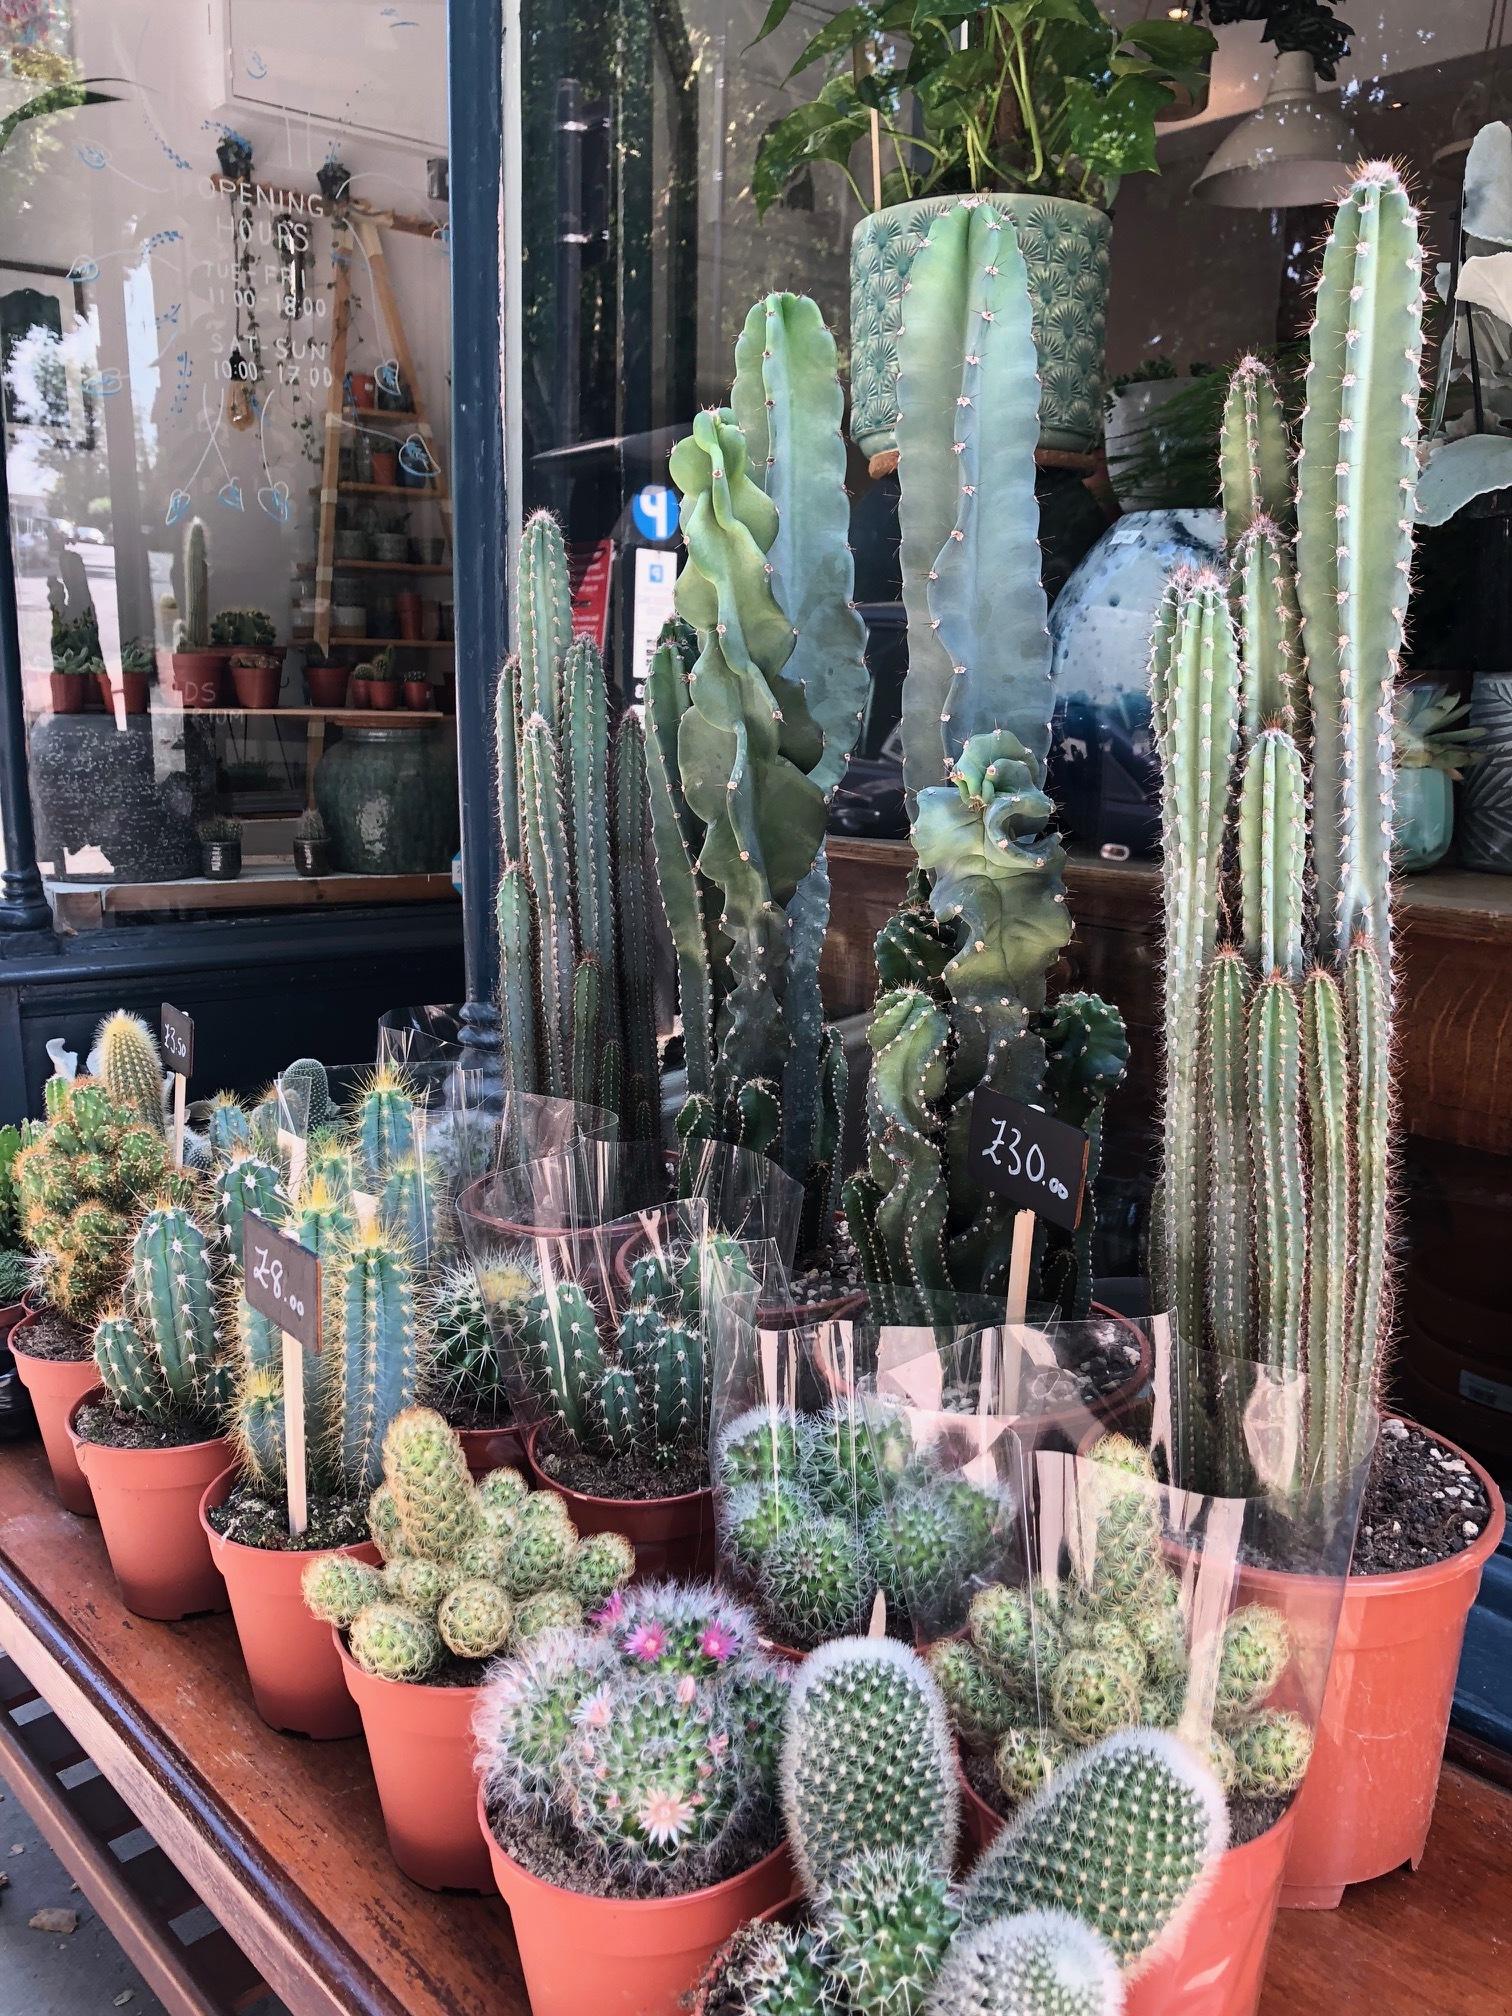 cactus, cacti, cactus for sale, cactus types, cactus species, indoor cactus, cactus terrarium, cactus terrarium uk, cactus terrarium kit, cactus terrarium for sale, cactus terrarium care